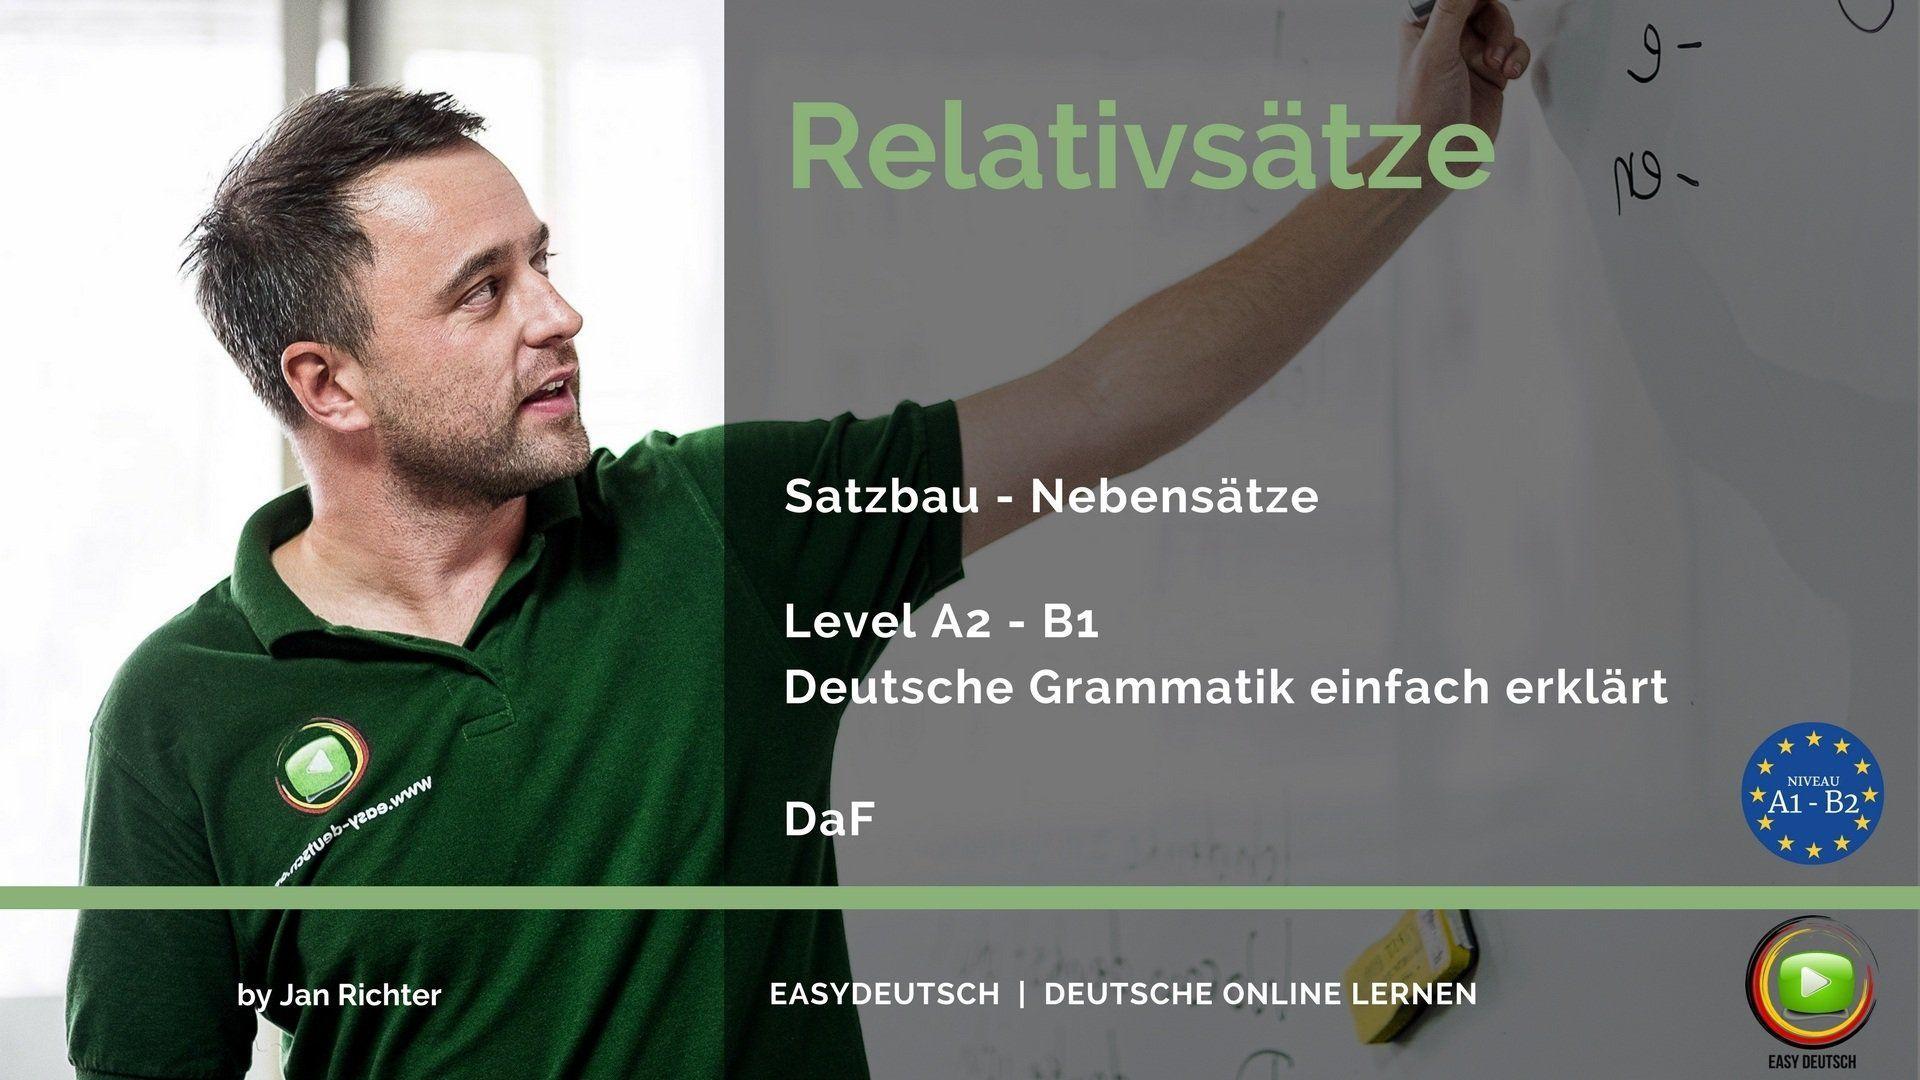 deutsche relativstze grammatik einfache erklrung easydeutsch - Relativsatze Beispiele